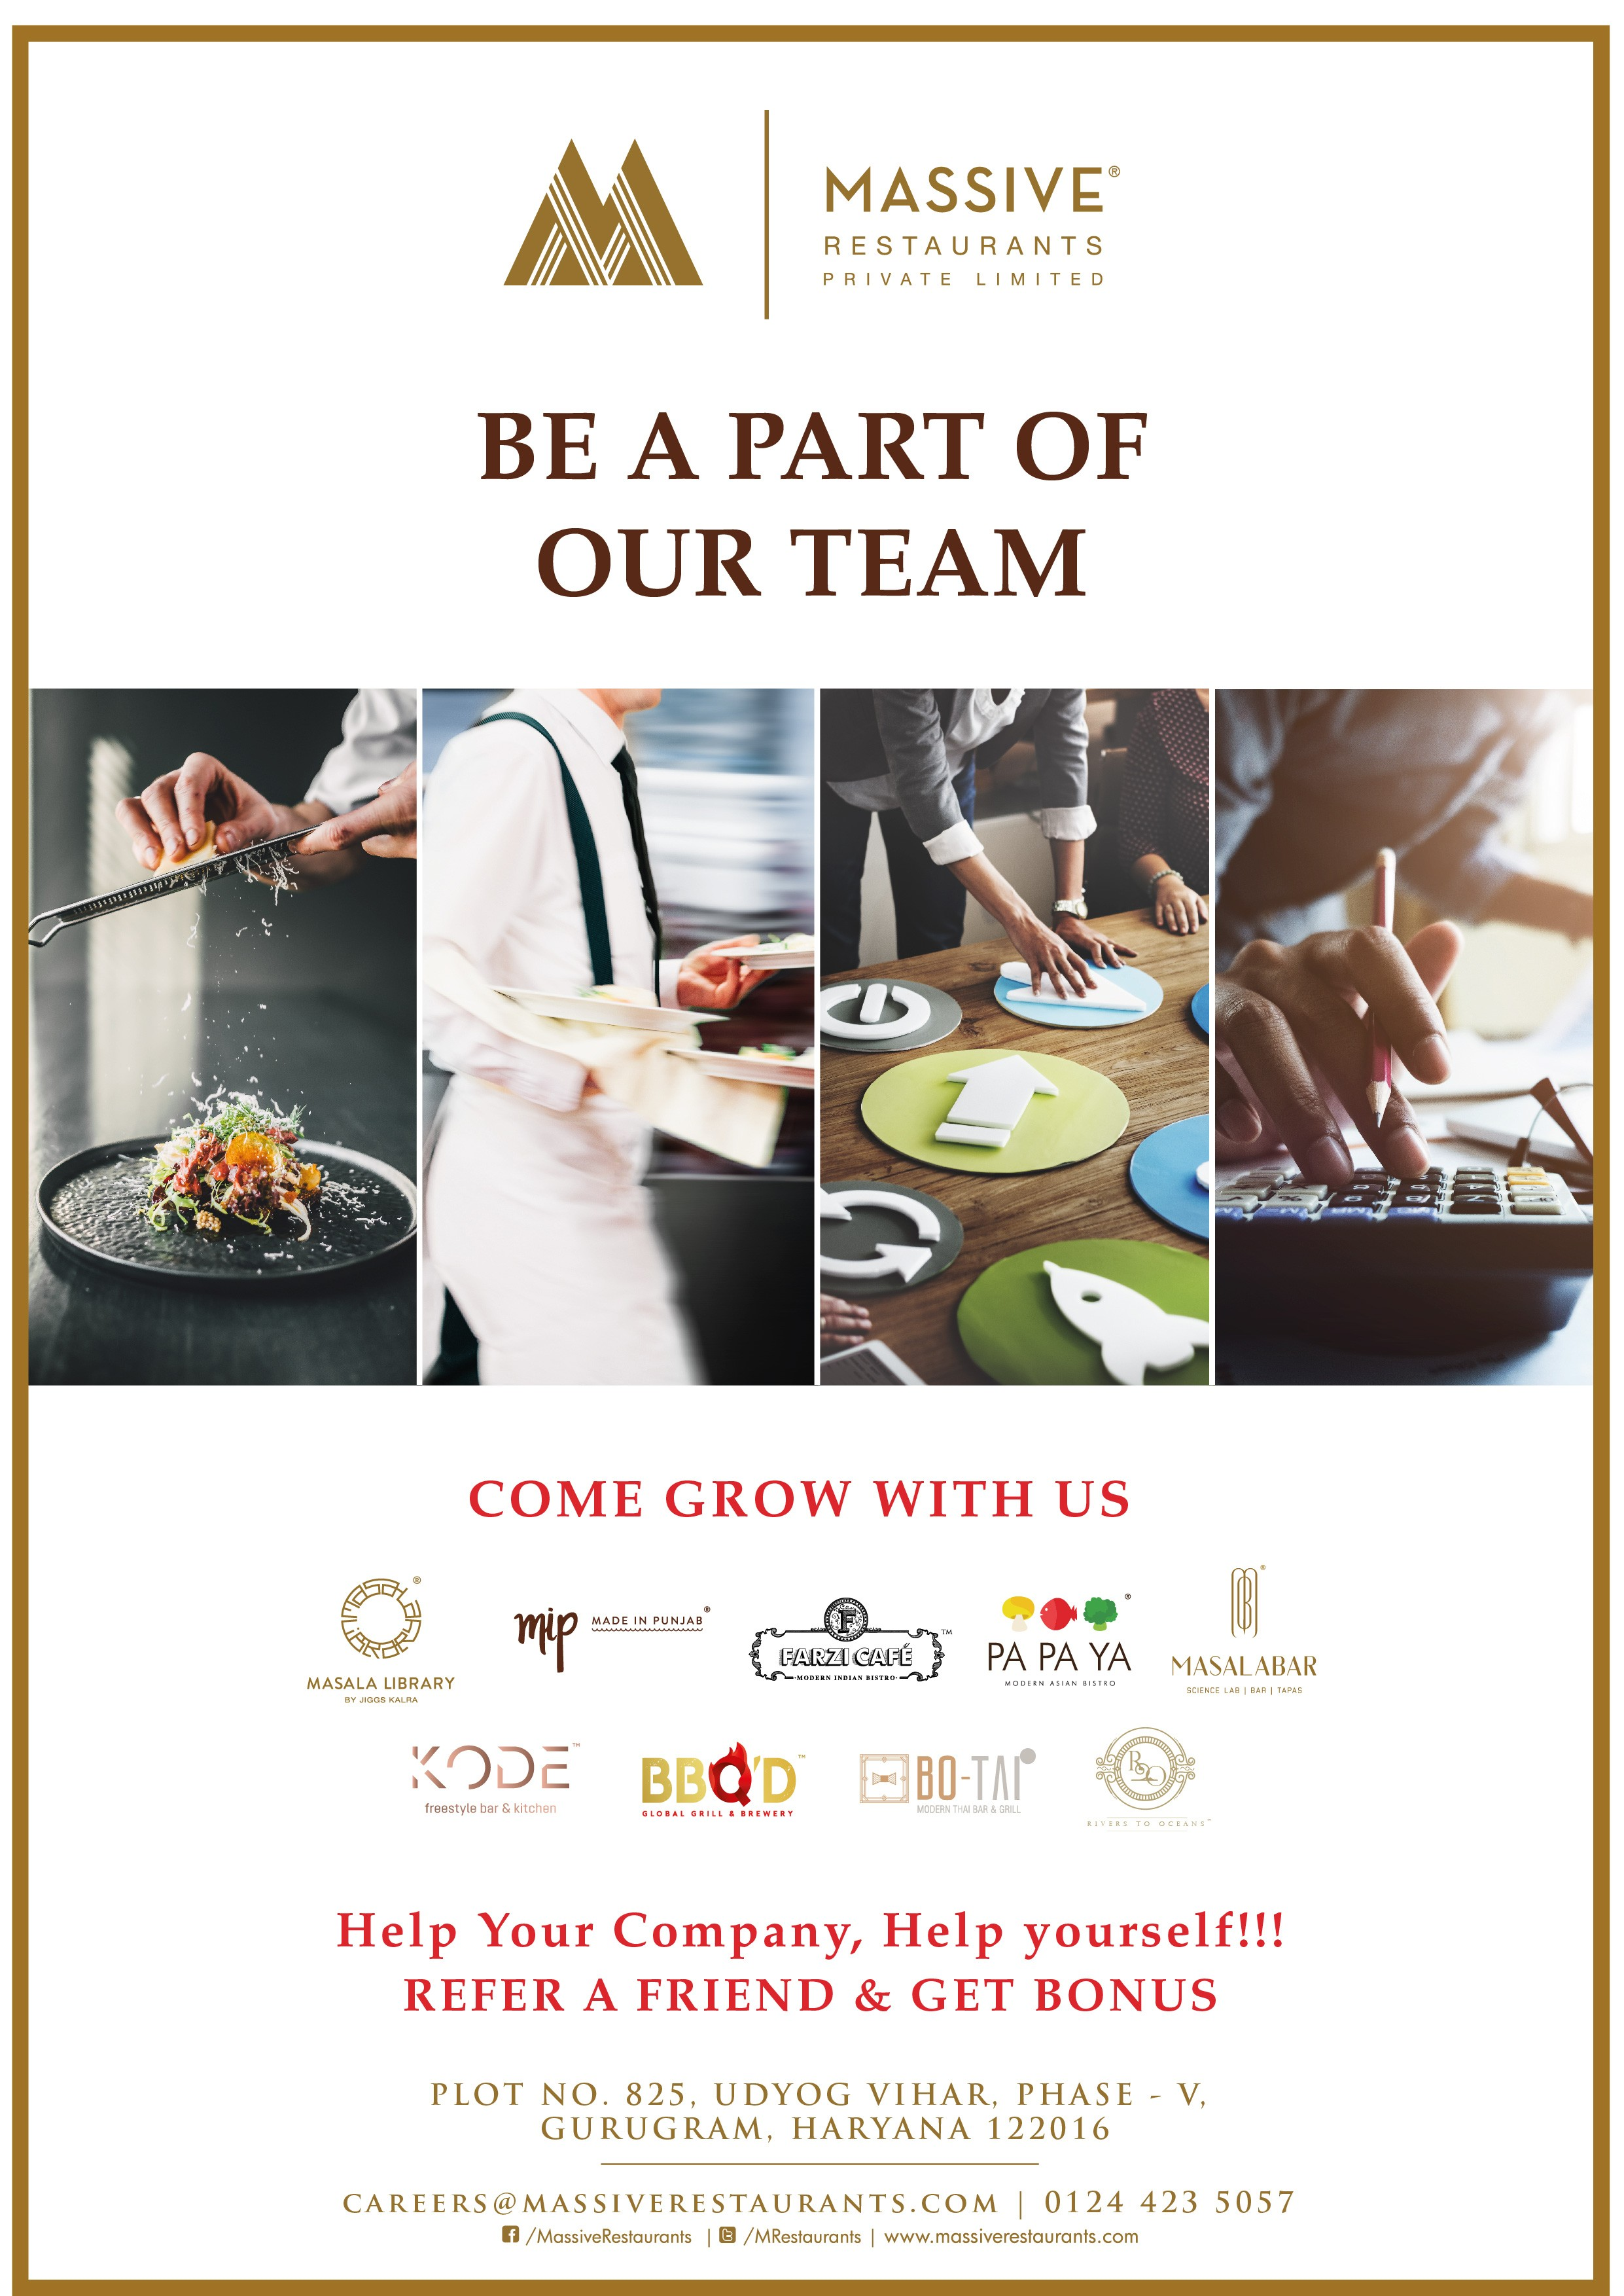 Massive Restaurants Pvt  Ltd  | LinkedIn